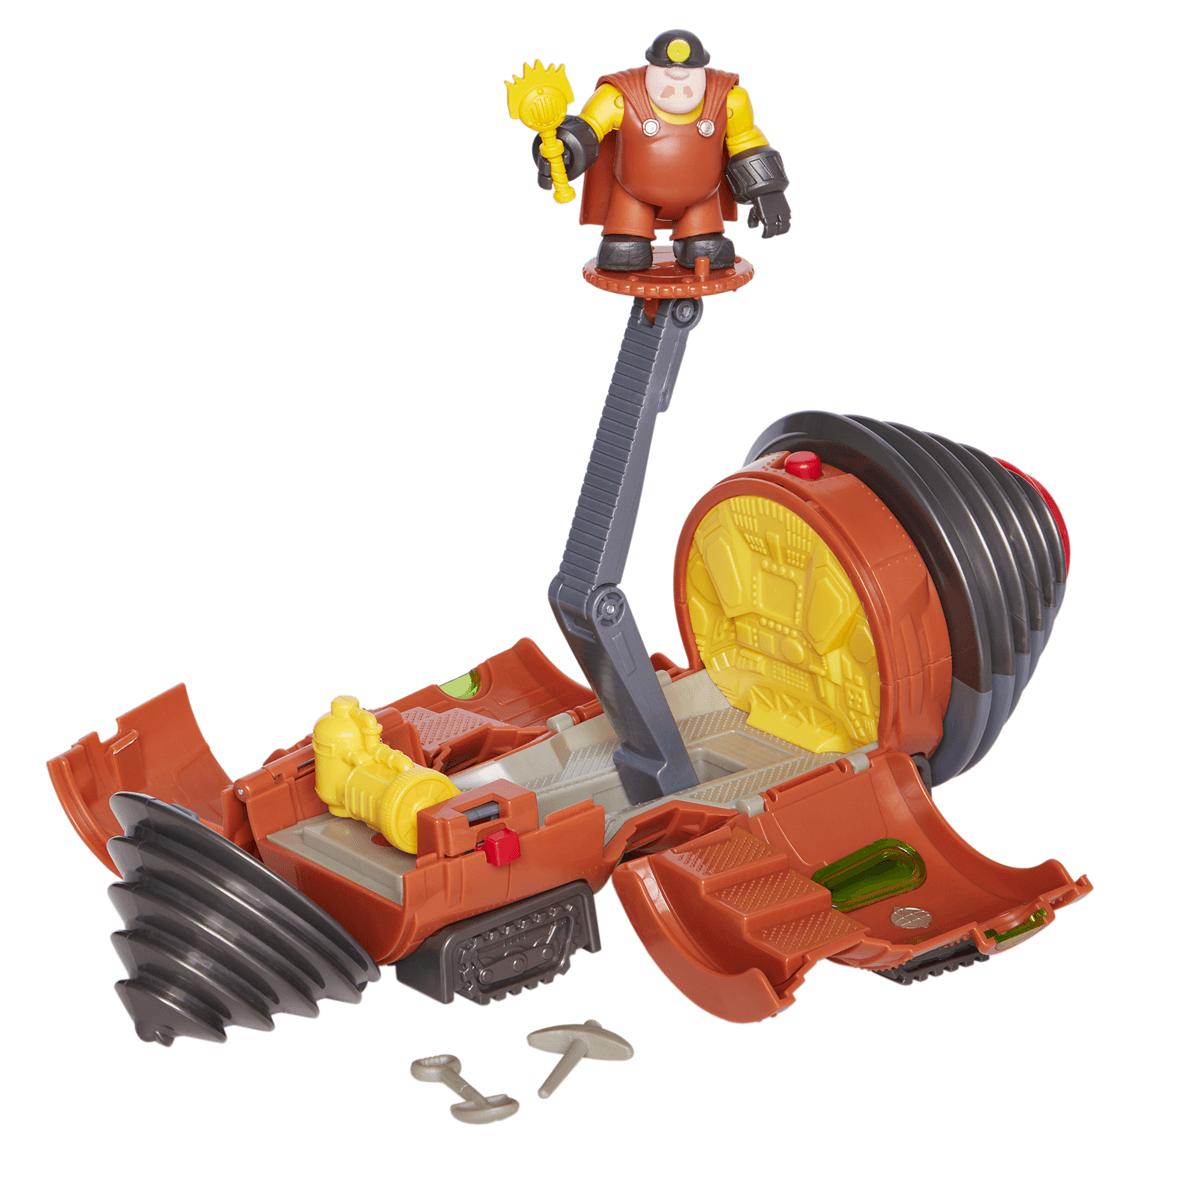 Disney Pixar Incredibles 2 - Underminer Vehicle Playset